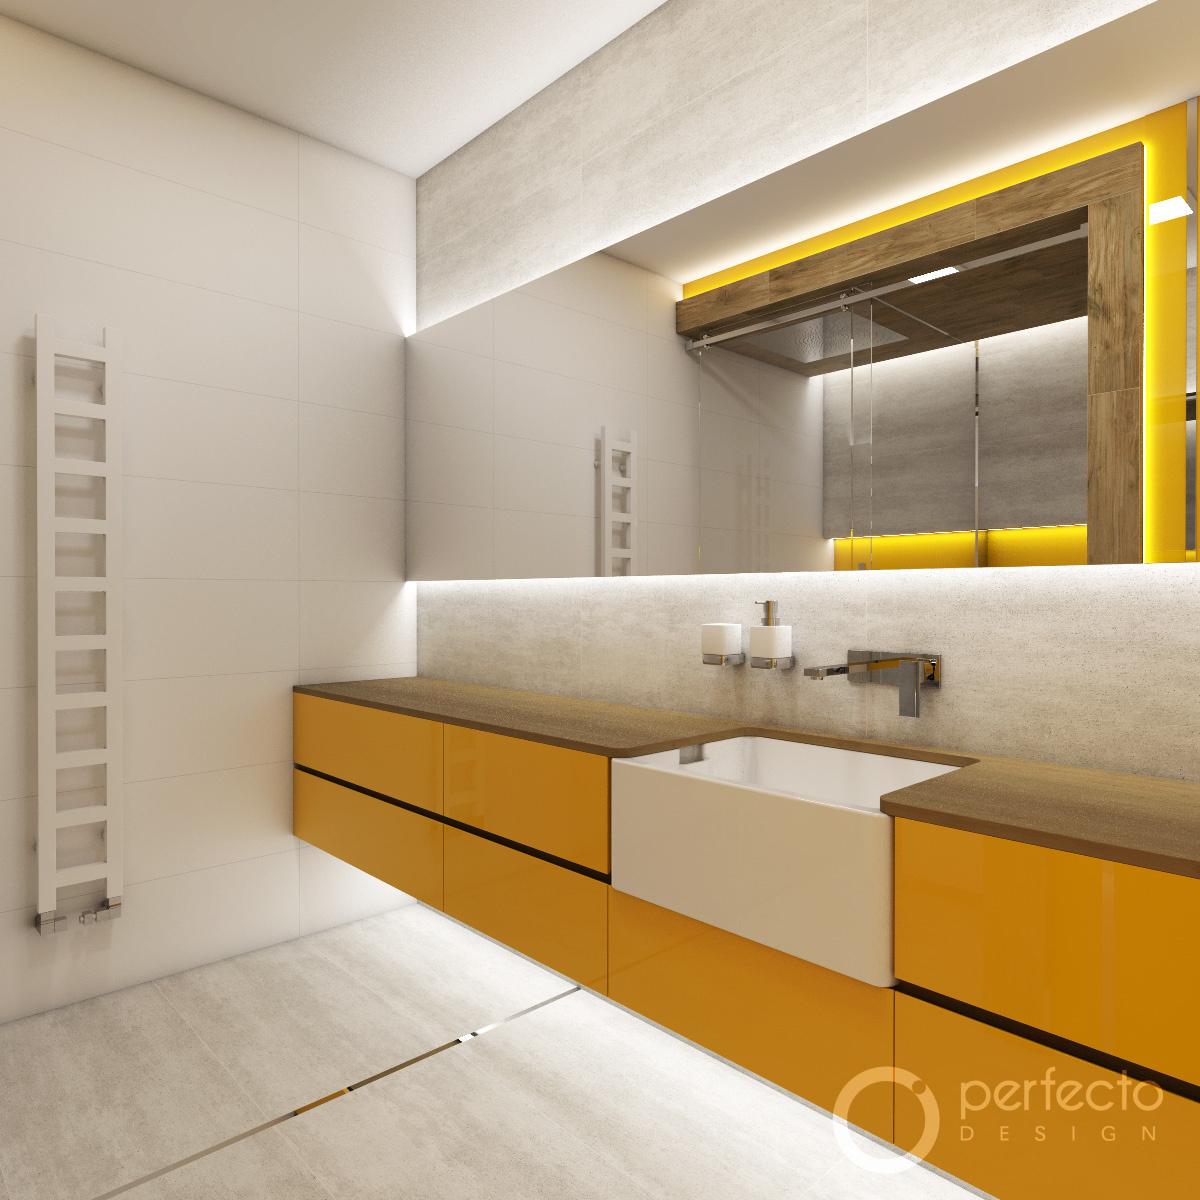 modernes badezimmer modular | perfecto design, Badezimmer ideen